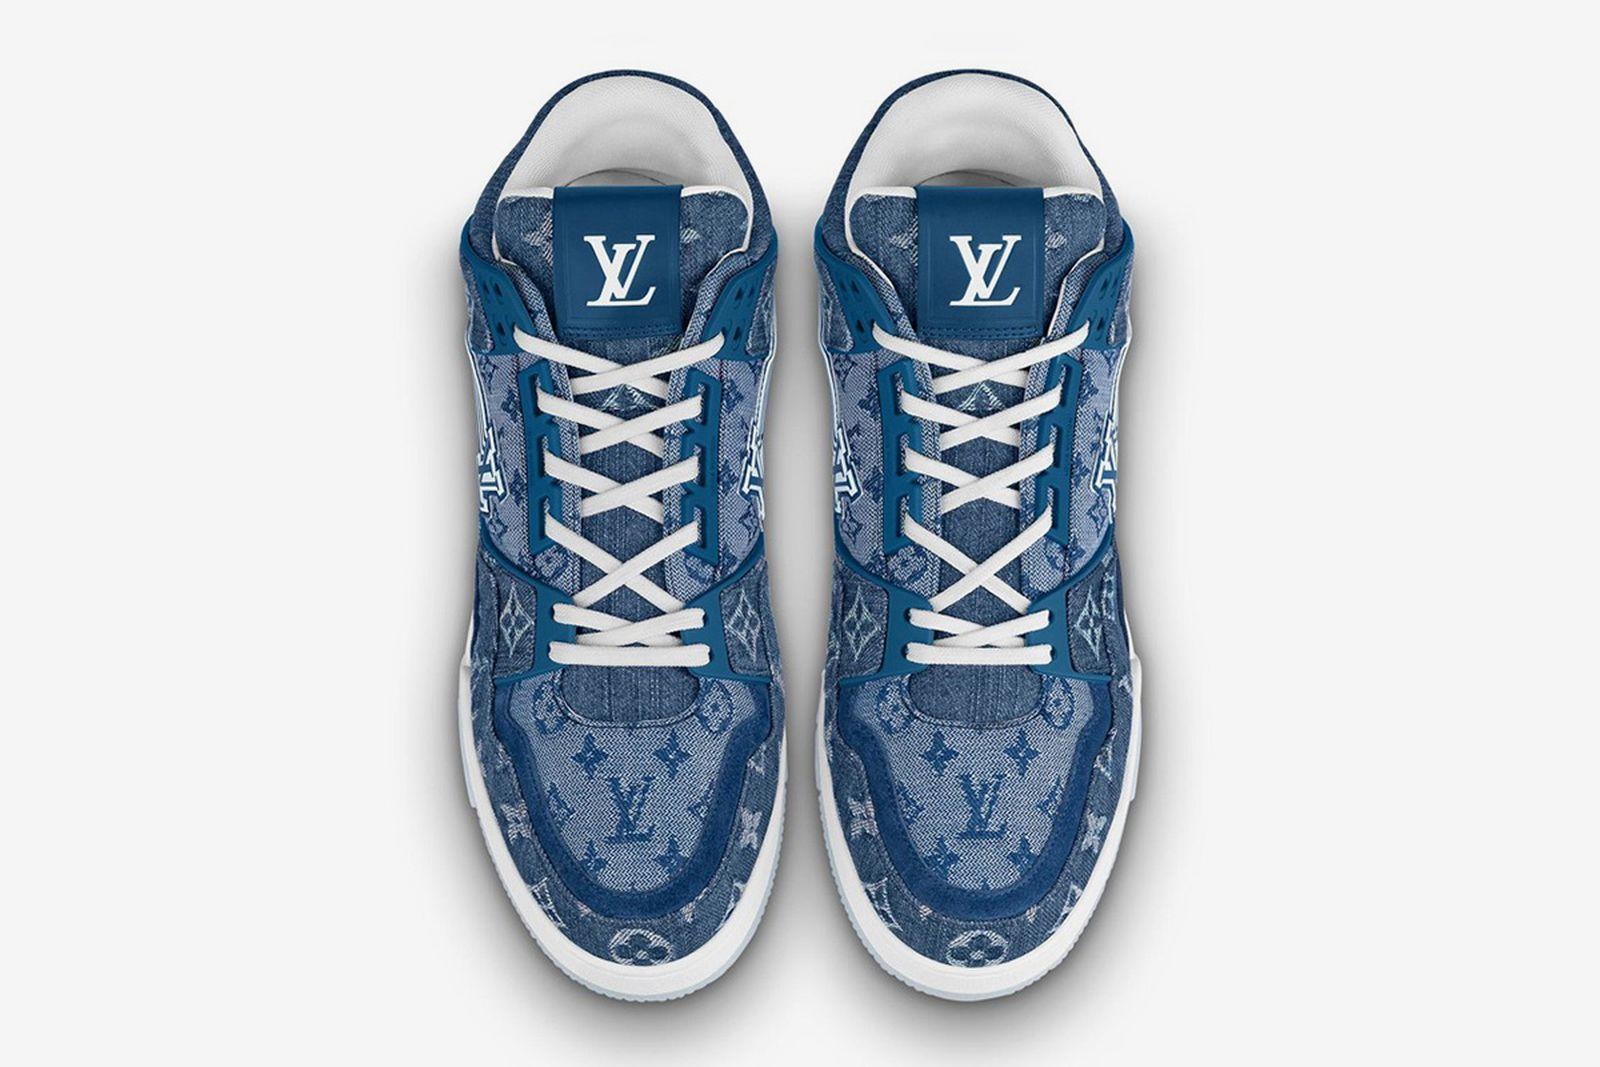 Louis Vuitton LV Trainer Monogram Denim